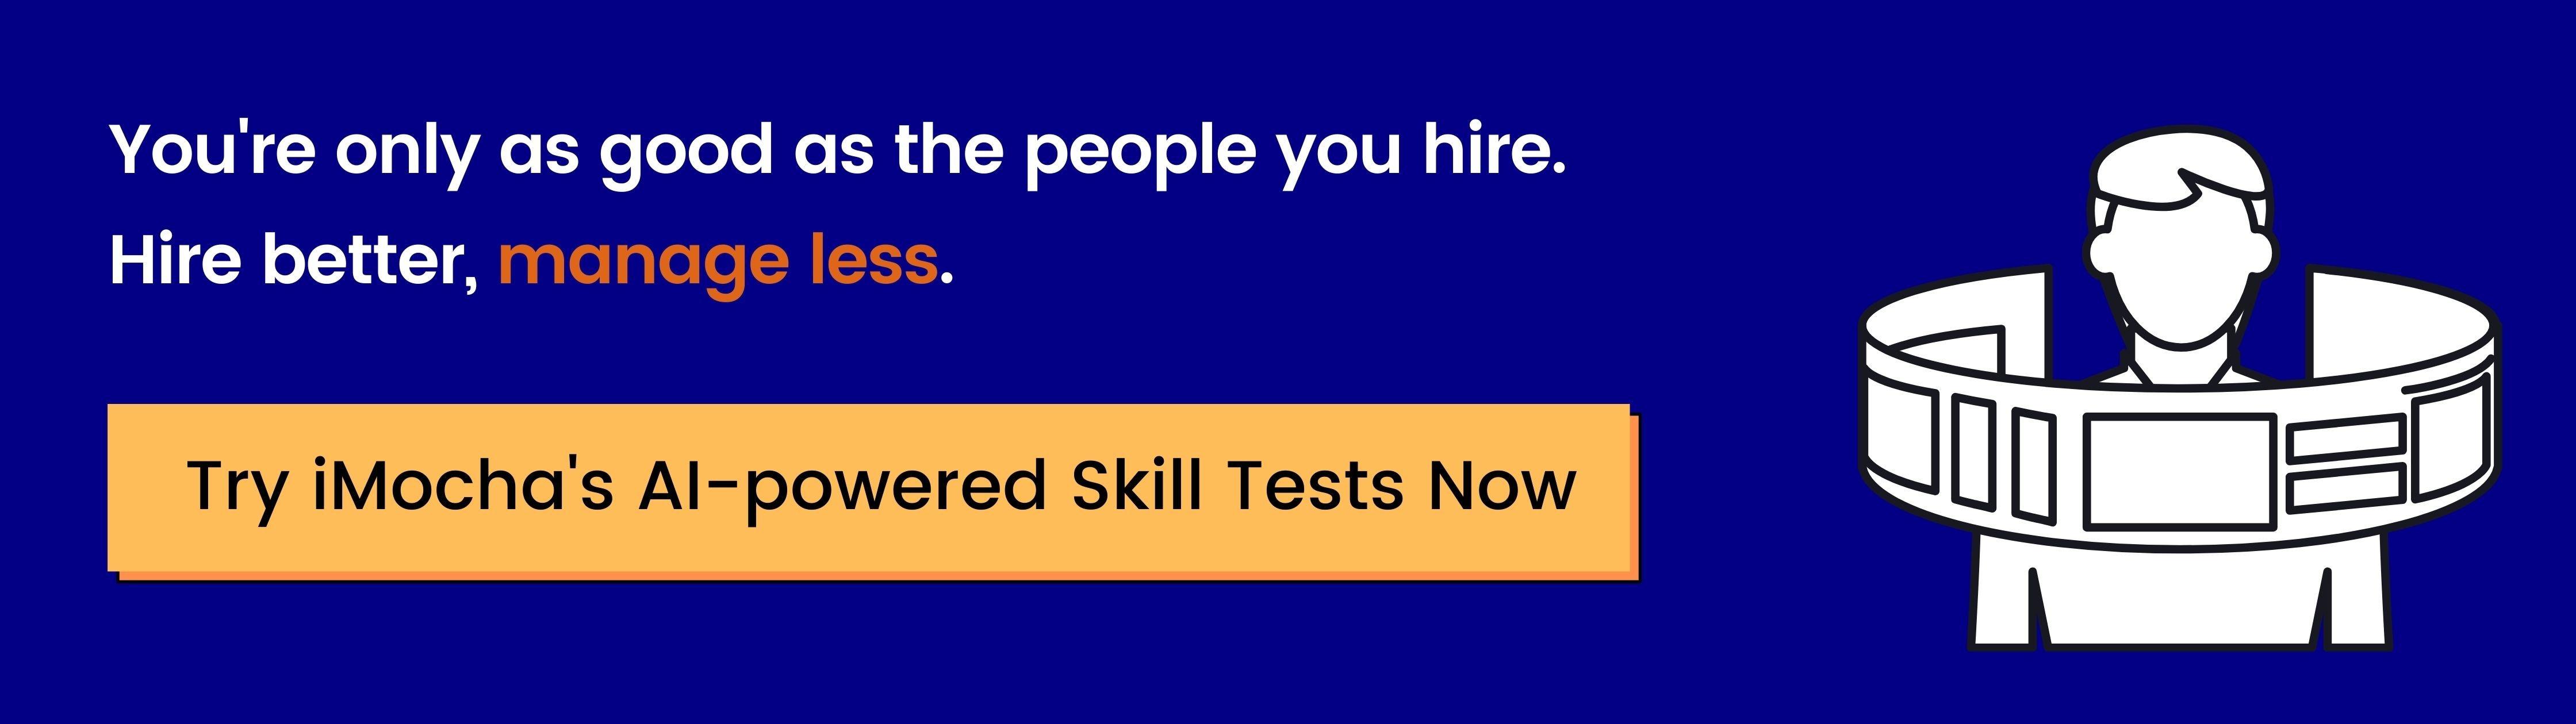 CTA7 - hire better